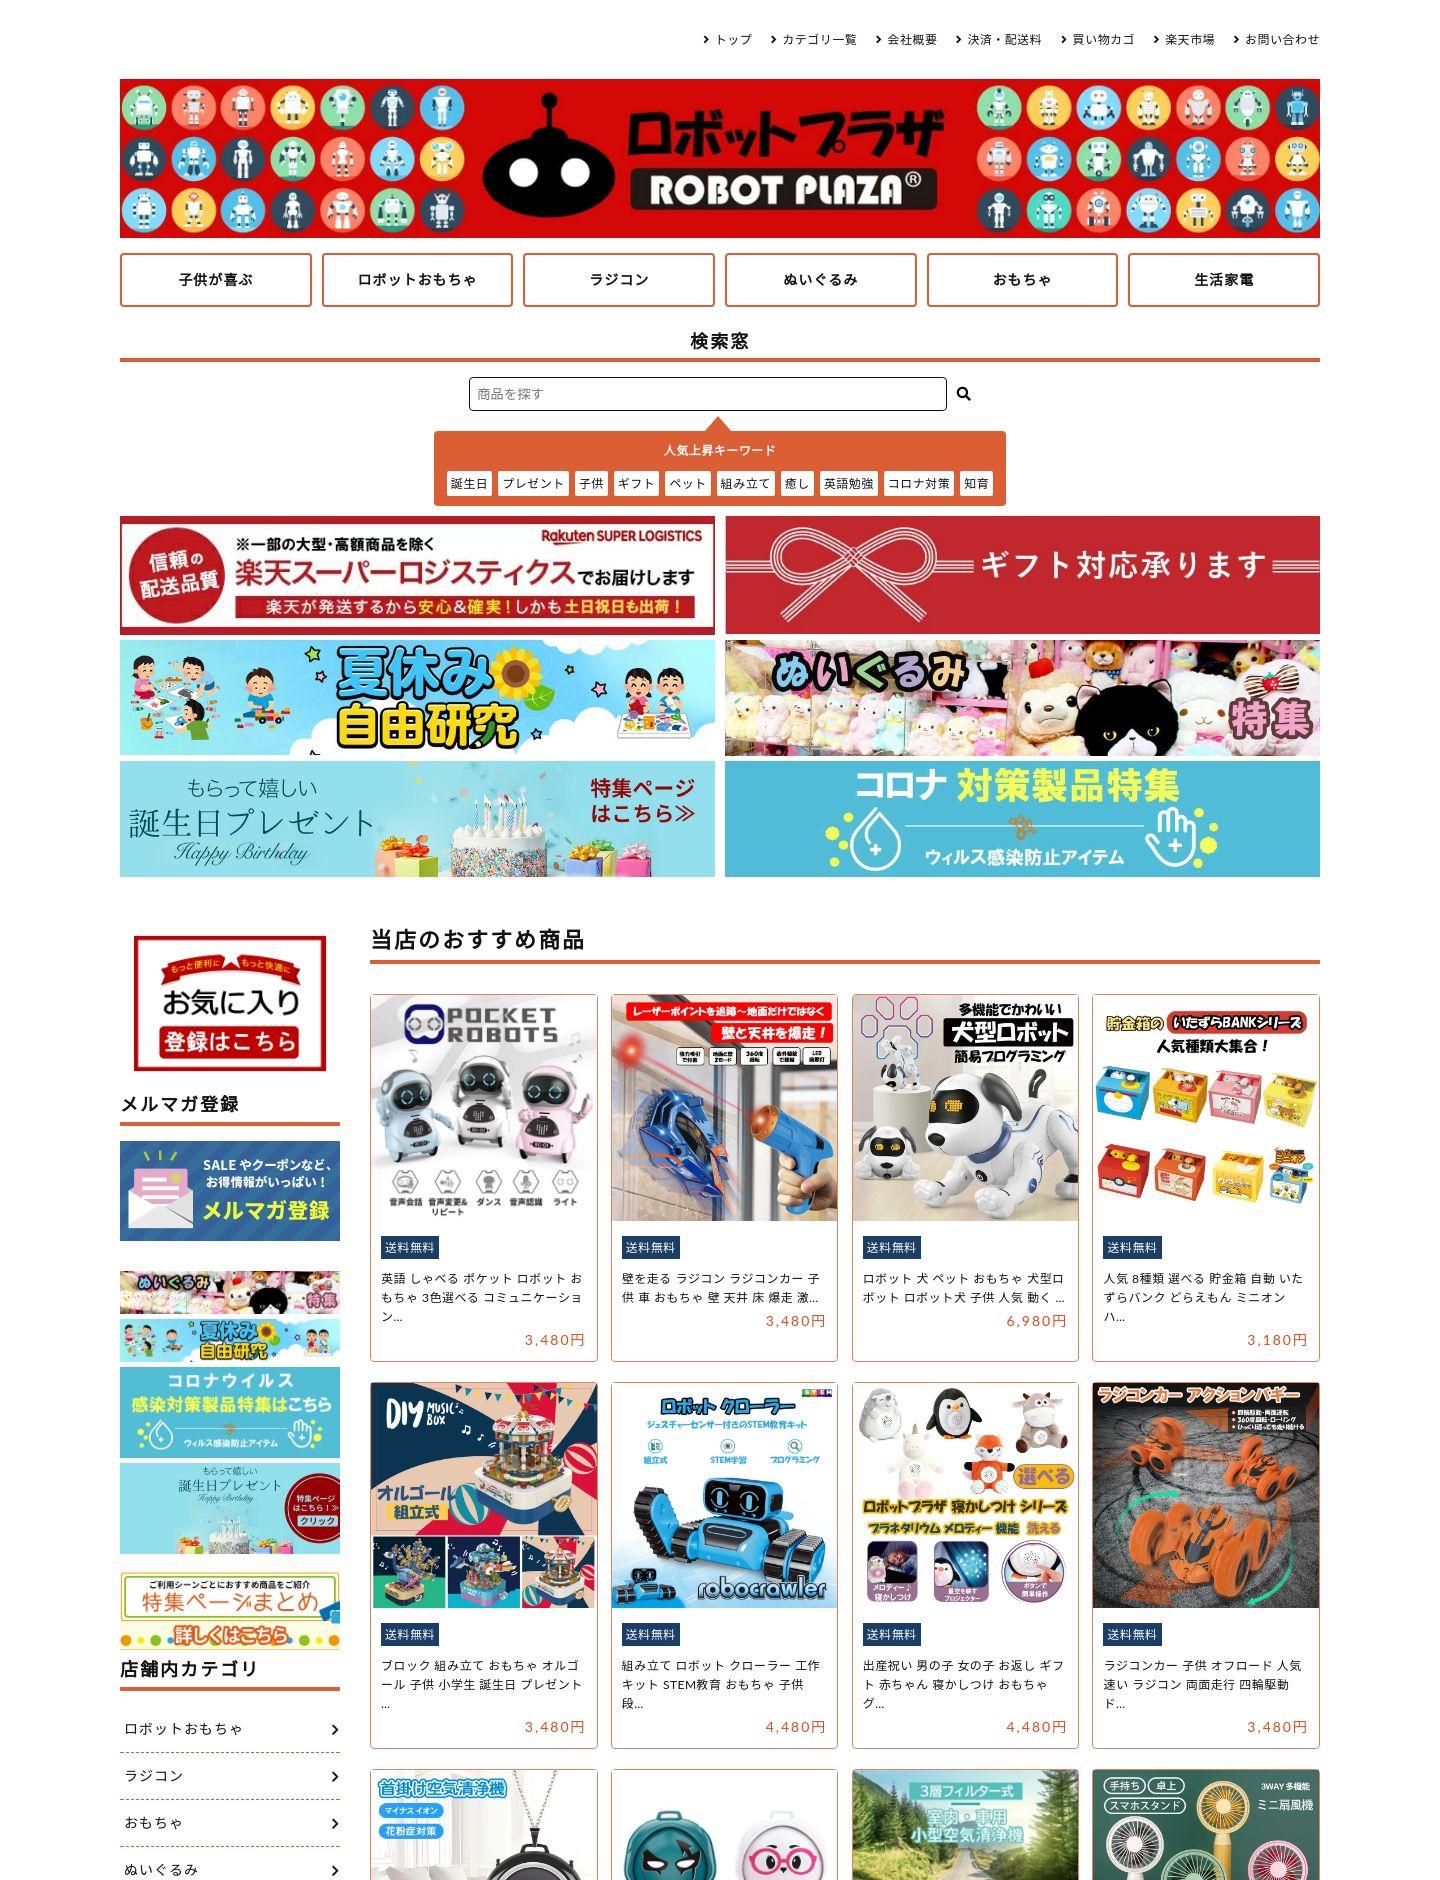 ロボットプラザ様 サイト画像